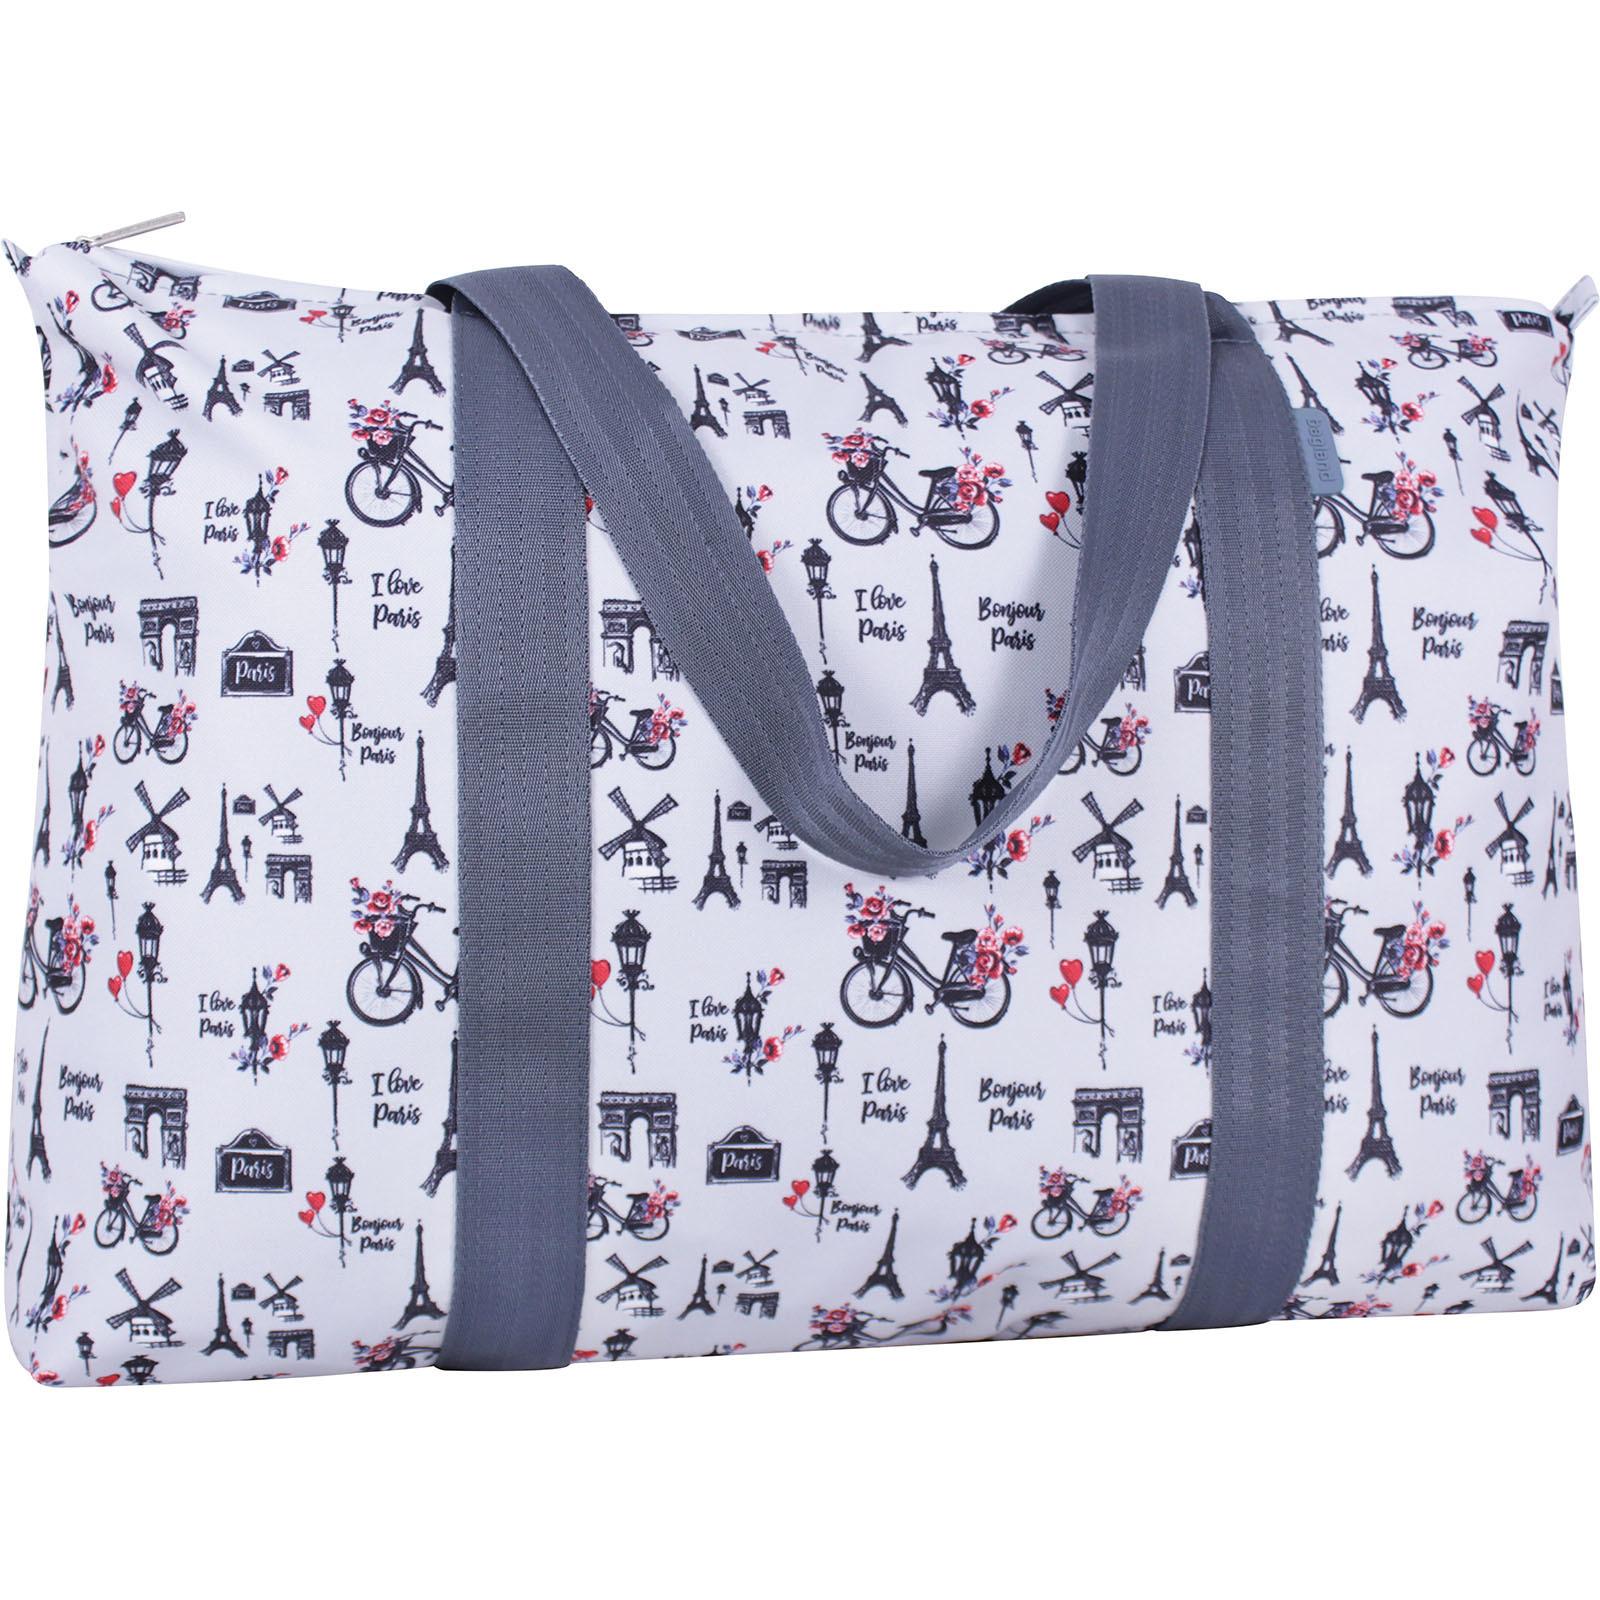 Дорожные сумки Сумка Bagland Anita 30 л. сублимация 791 (00731664) IMG_1529суб.791.JPG